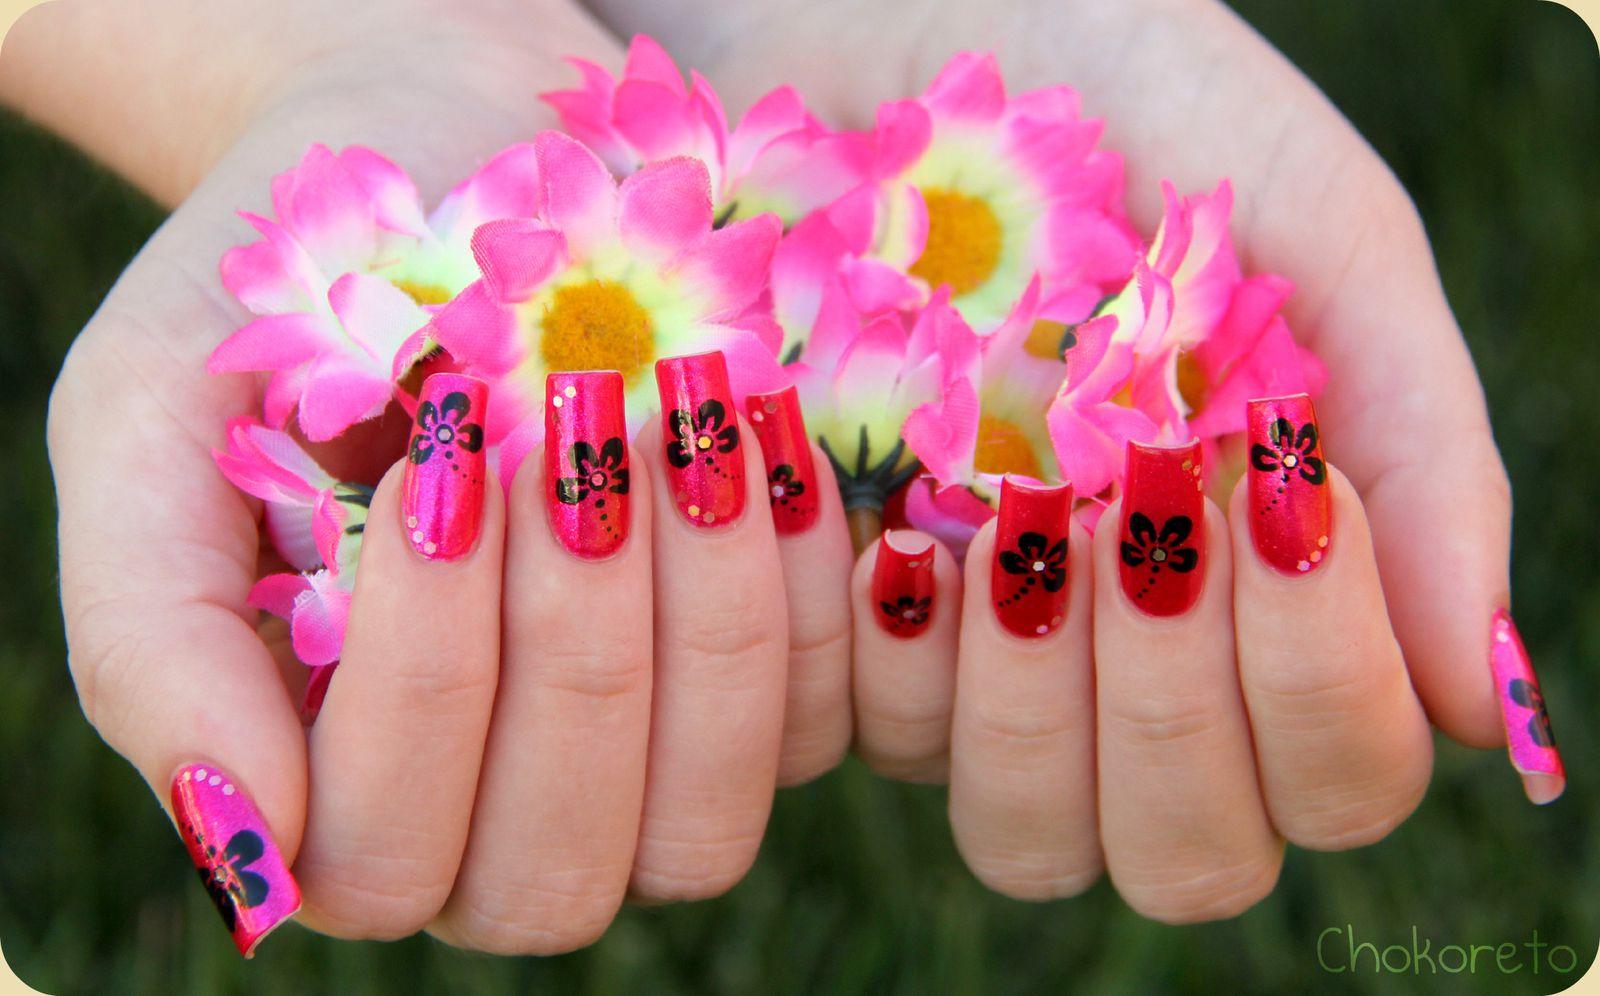 Free Running Flowers Chokoreto Nail Art